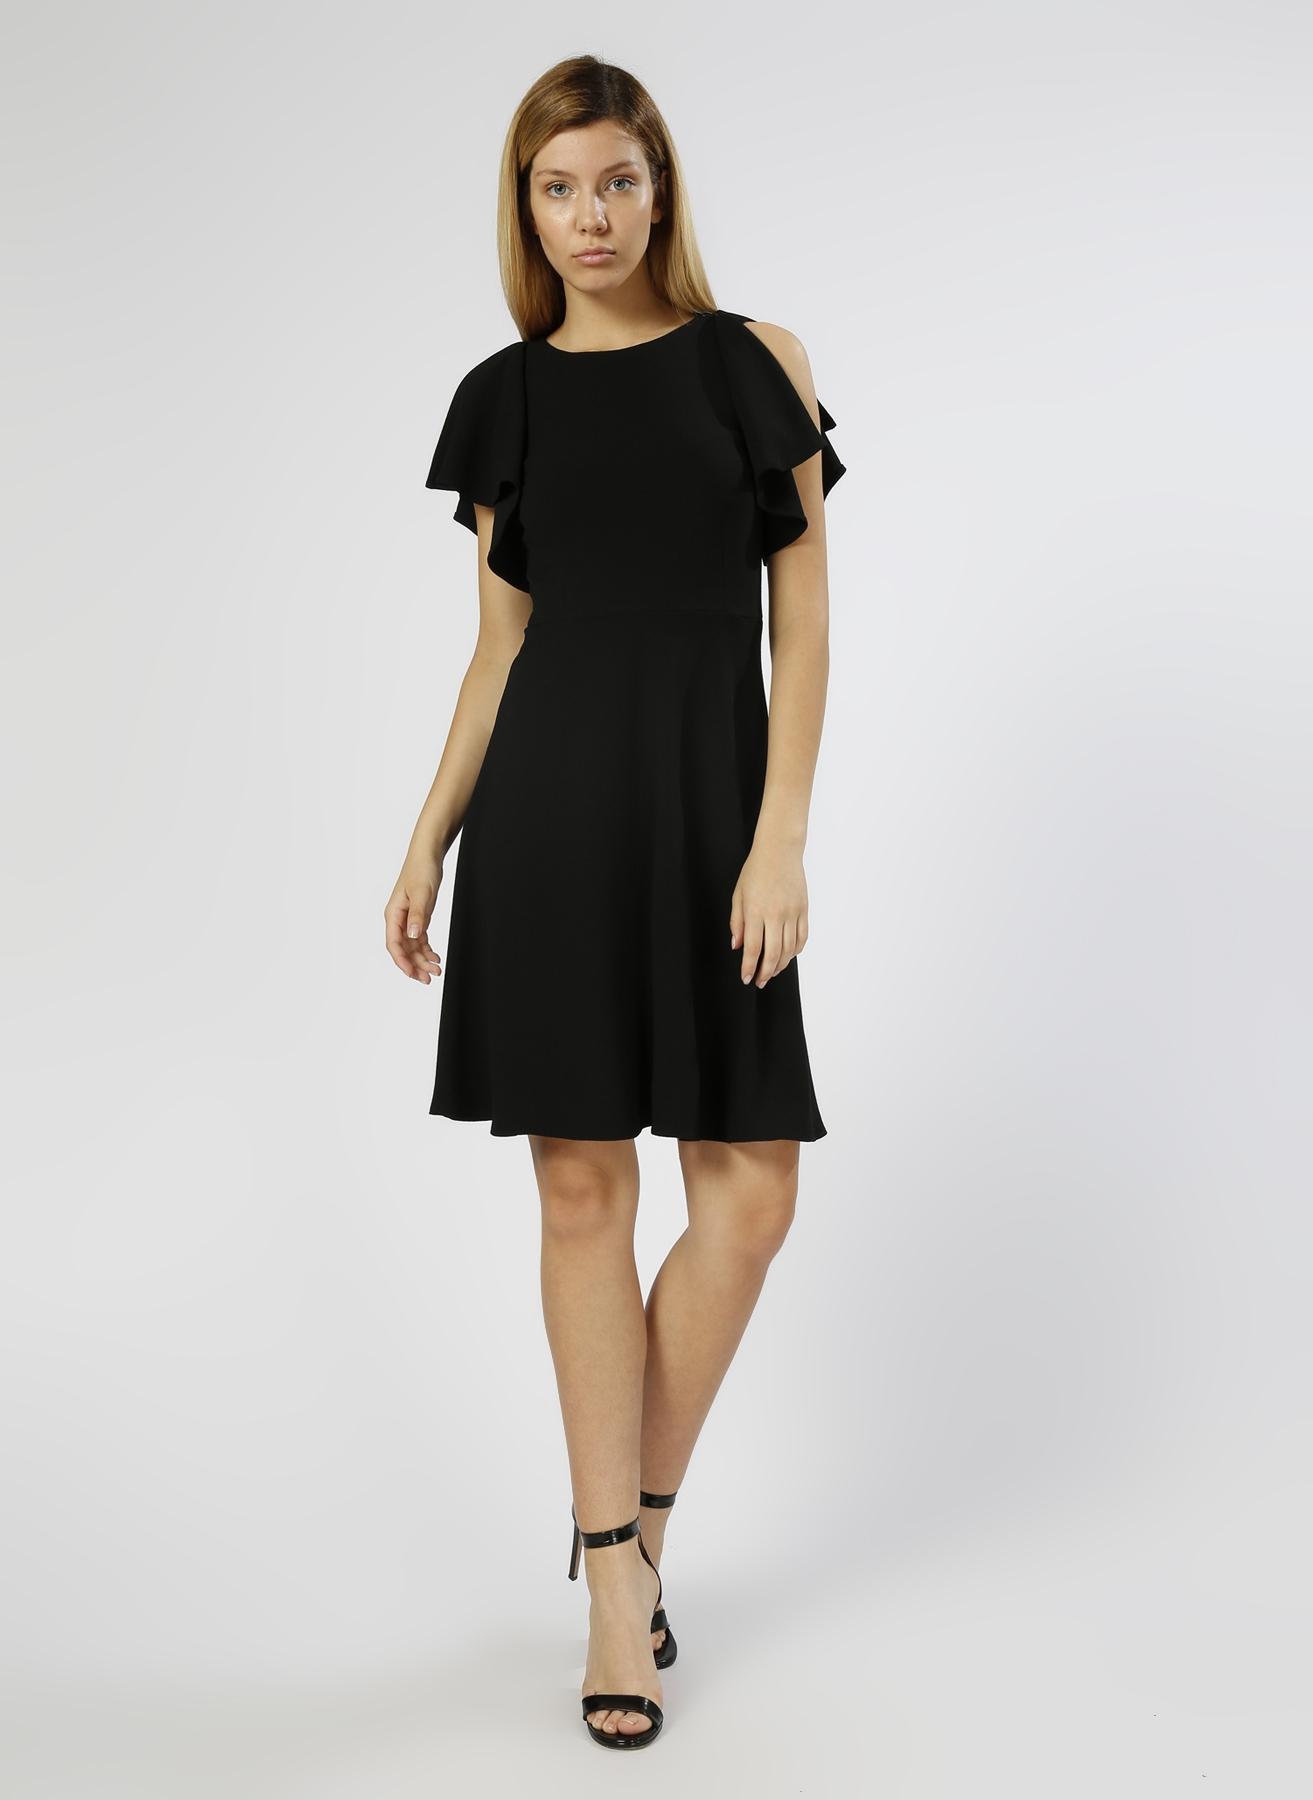 Random Kol Detaylı Siyah Elbise 34 5000205452001 Ürün Resmi